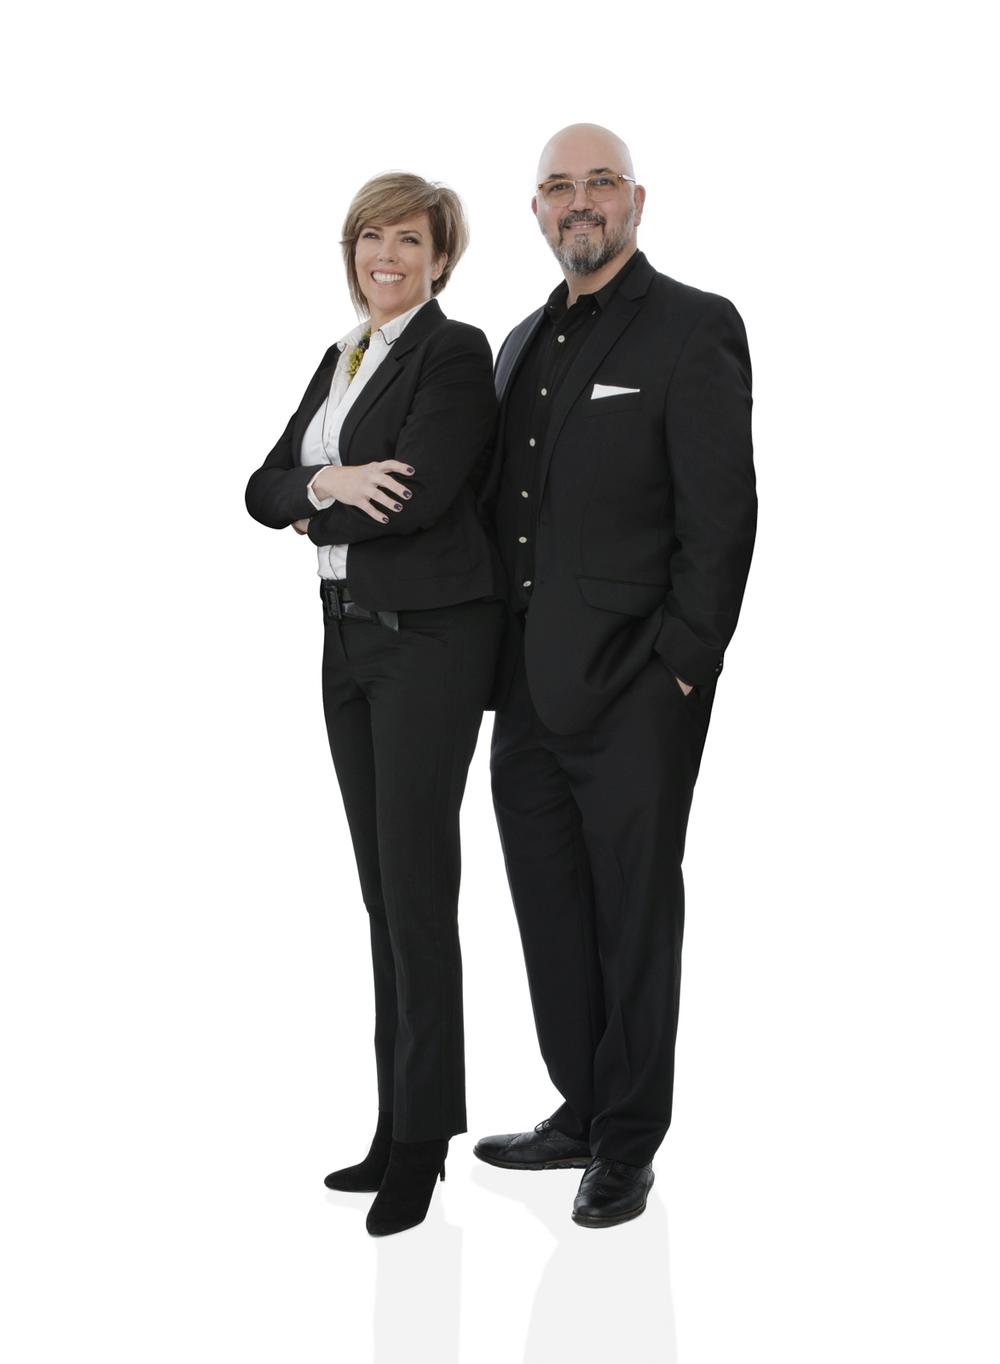 Mechelle and Matthew Khodayari, owners of Aria Salon Spa Shoppe in Alpharetta, GA.